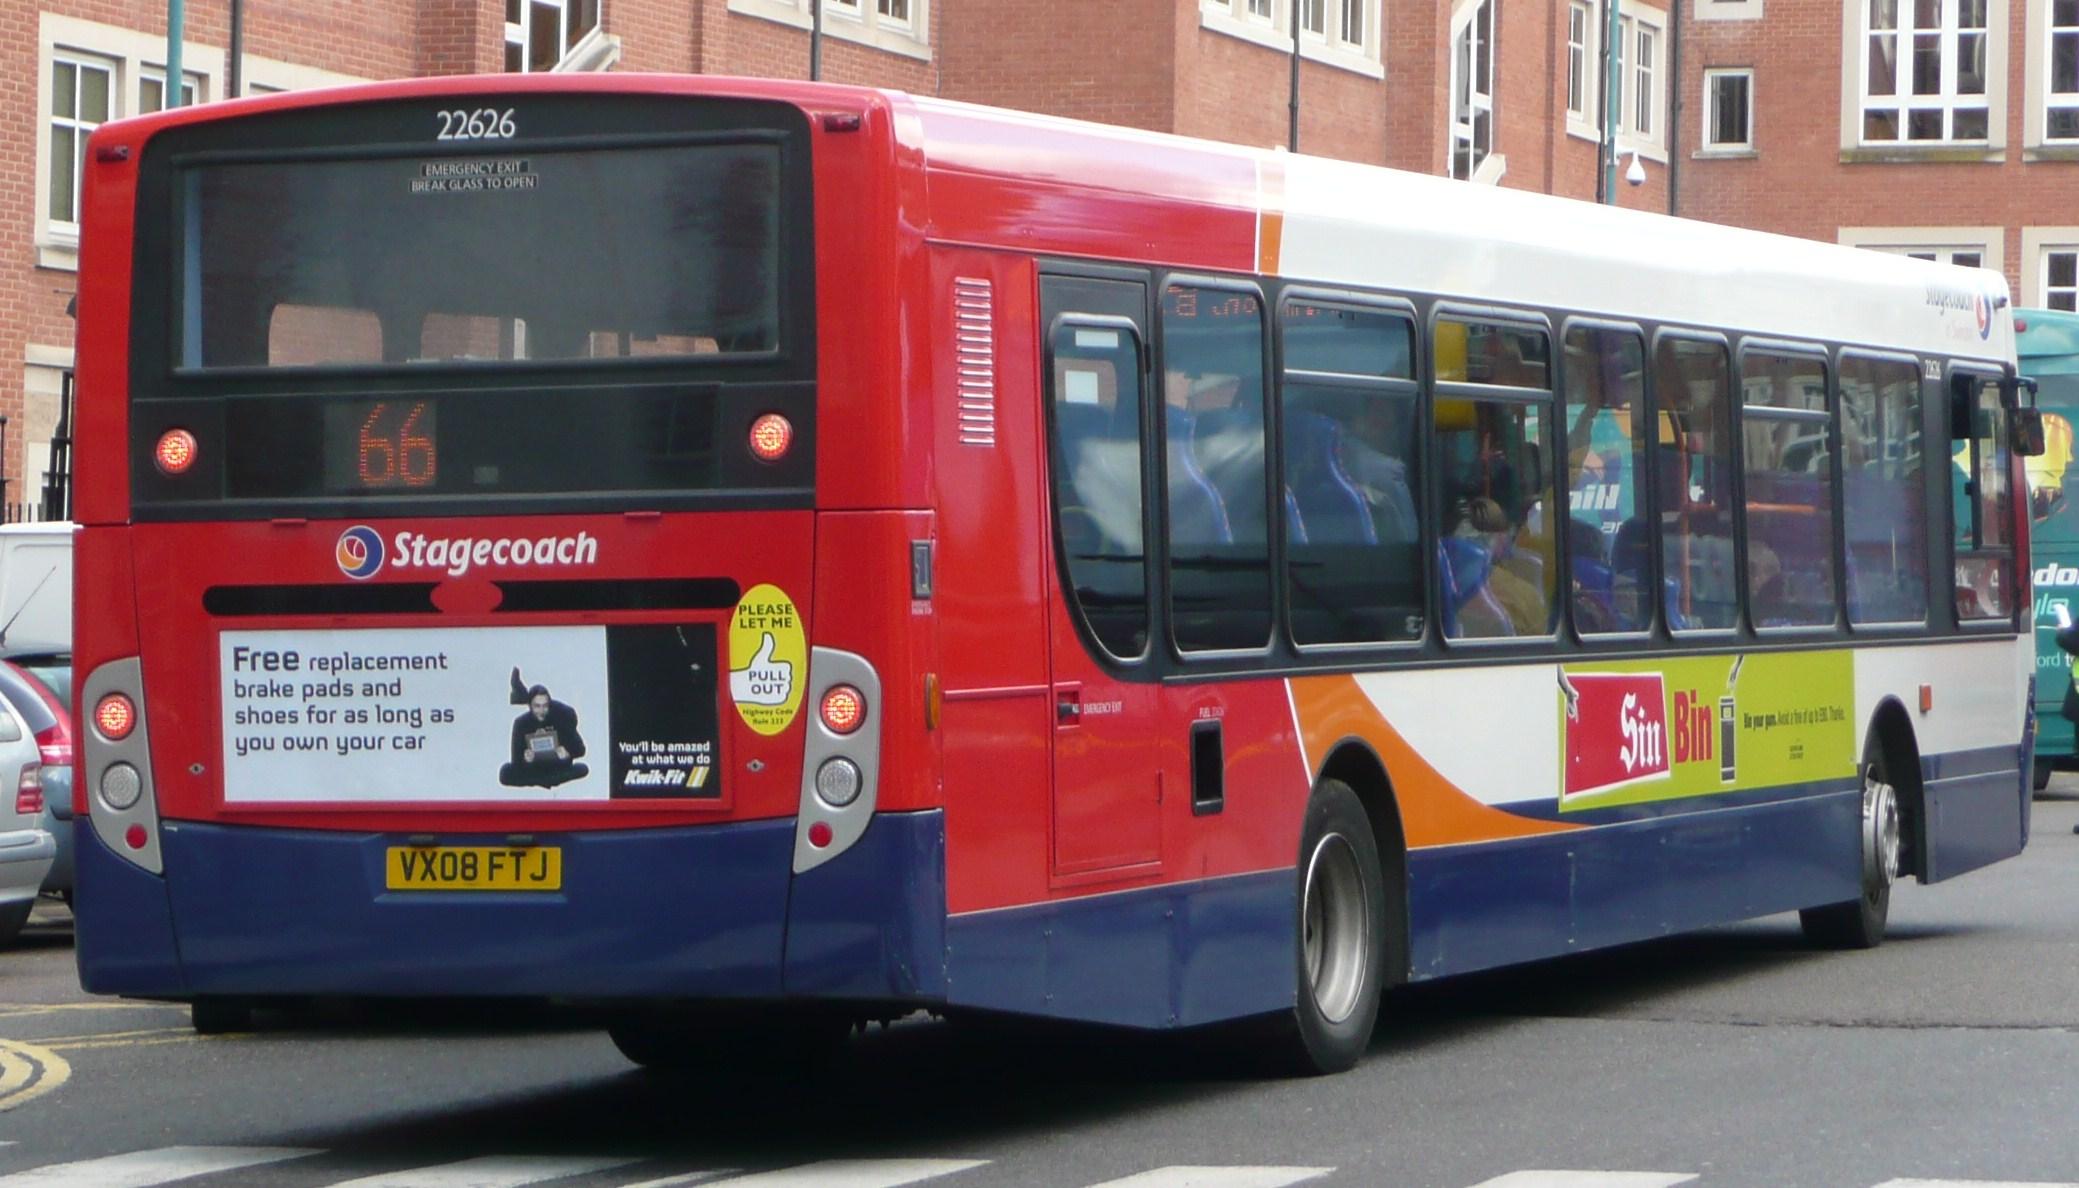 File Stagecoach Swindon 22626 Rear Jpg Wikimedia Commons